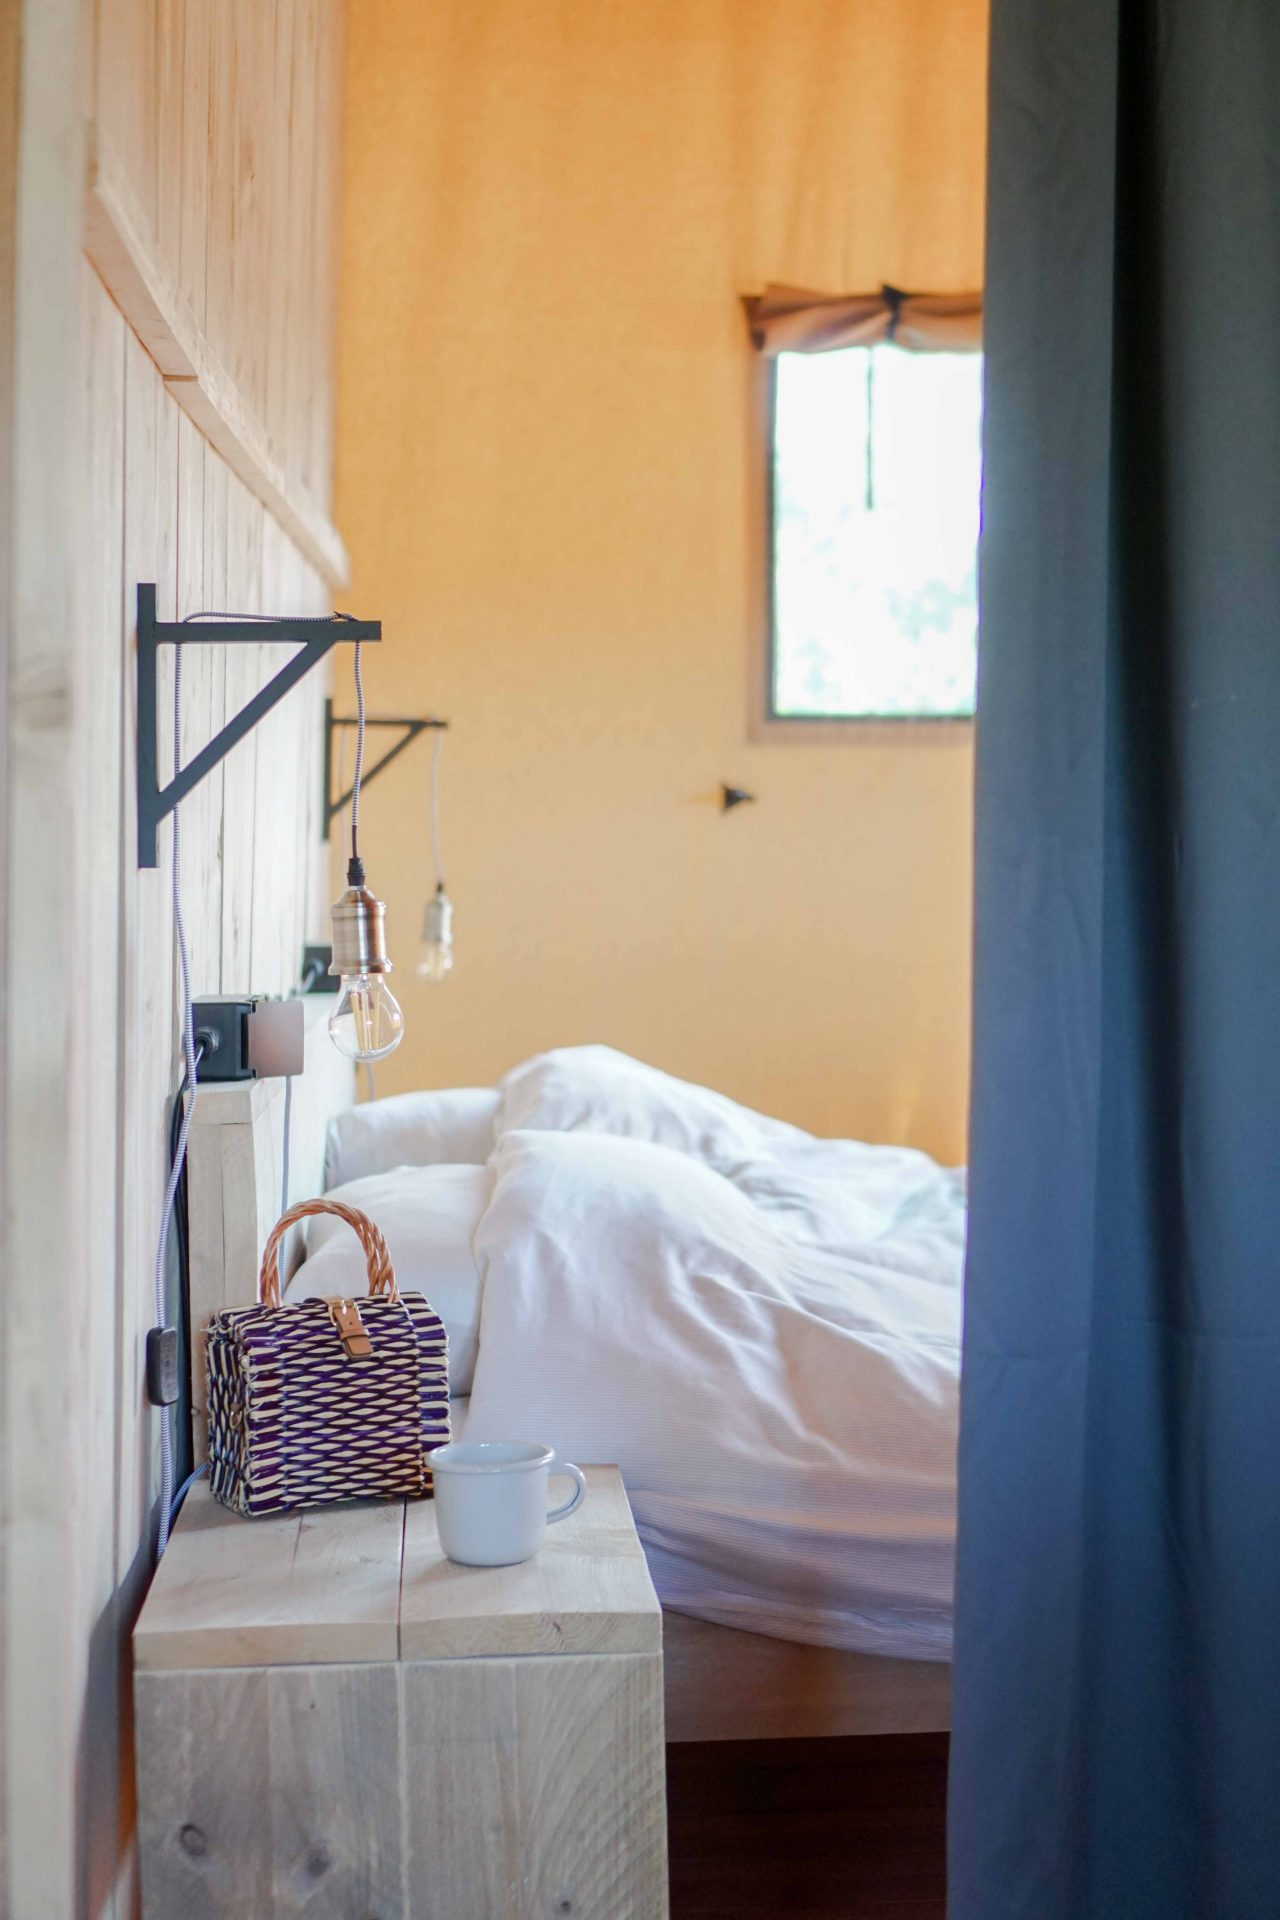 safaritent master bedroom binnenkijken